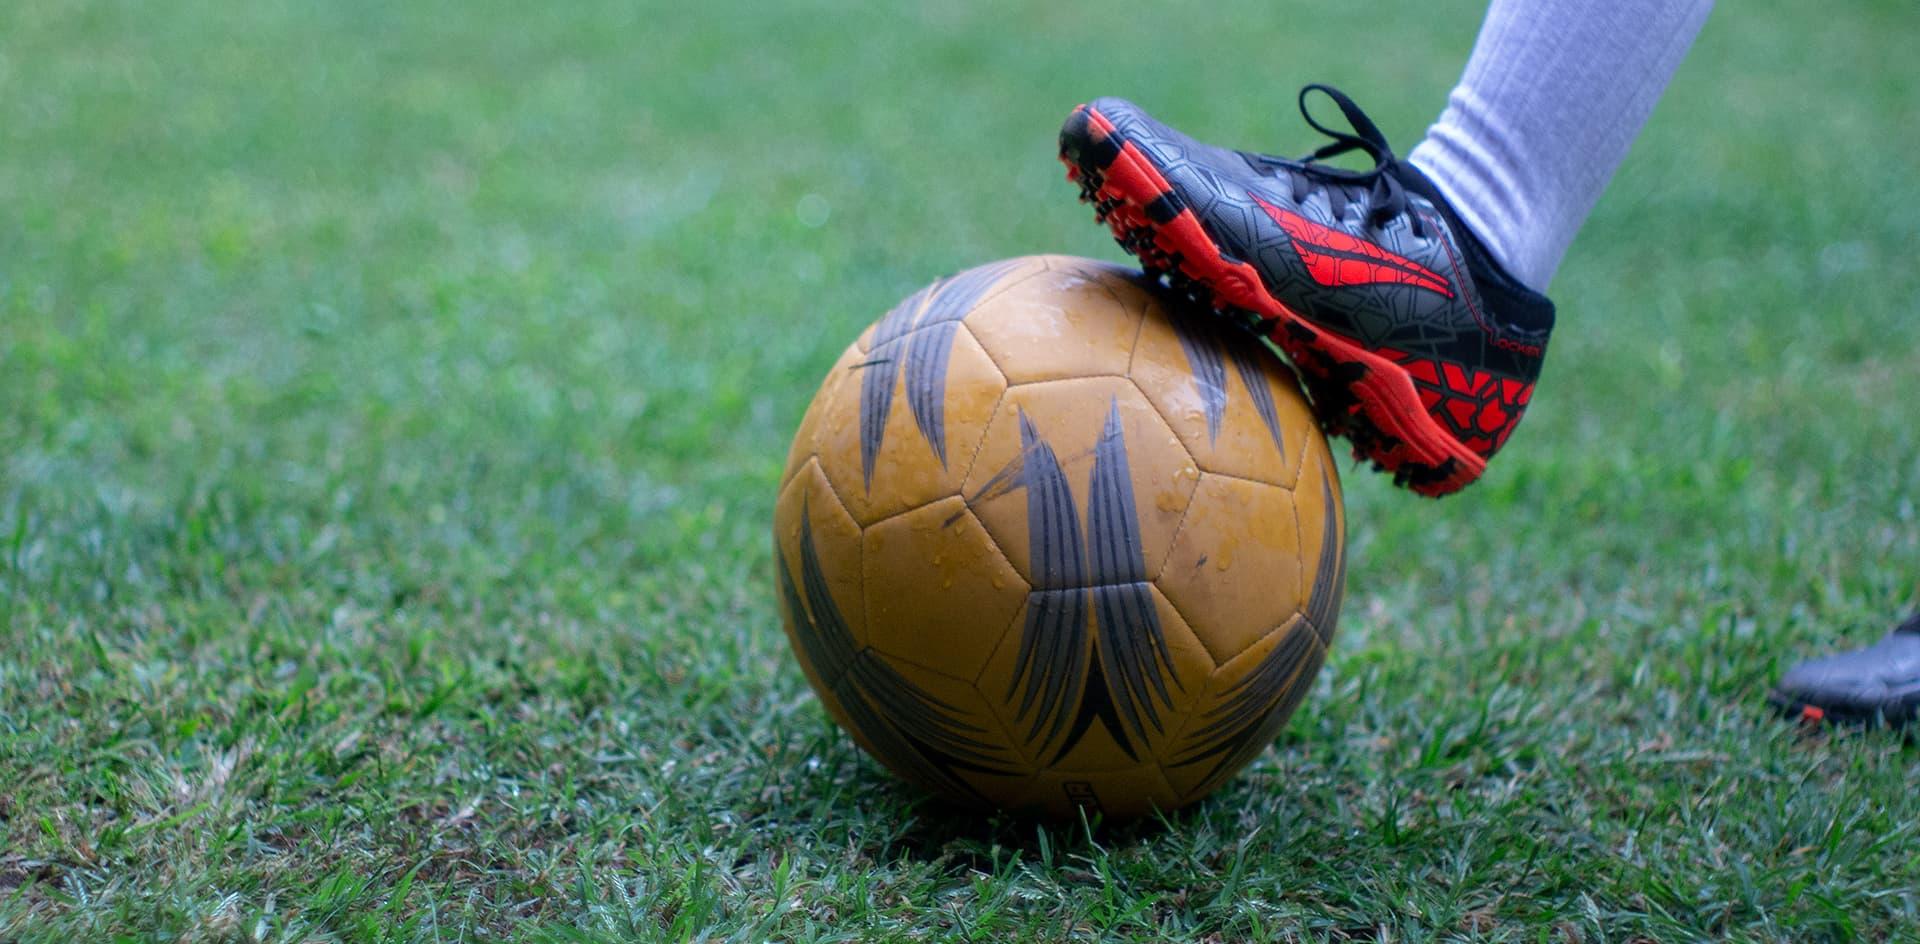 Fútbol y ciencia: identifican el patrón de posesión de la pelota